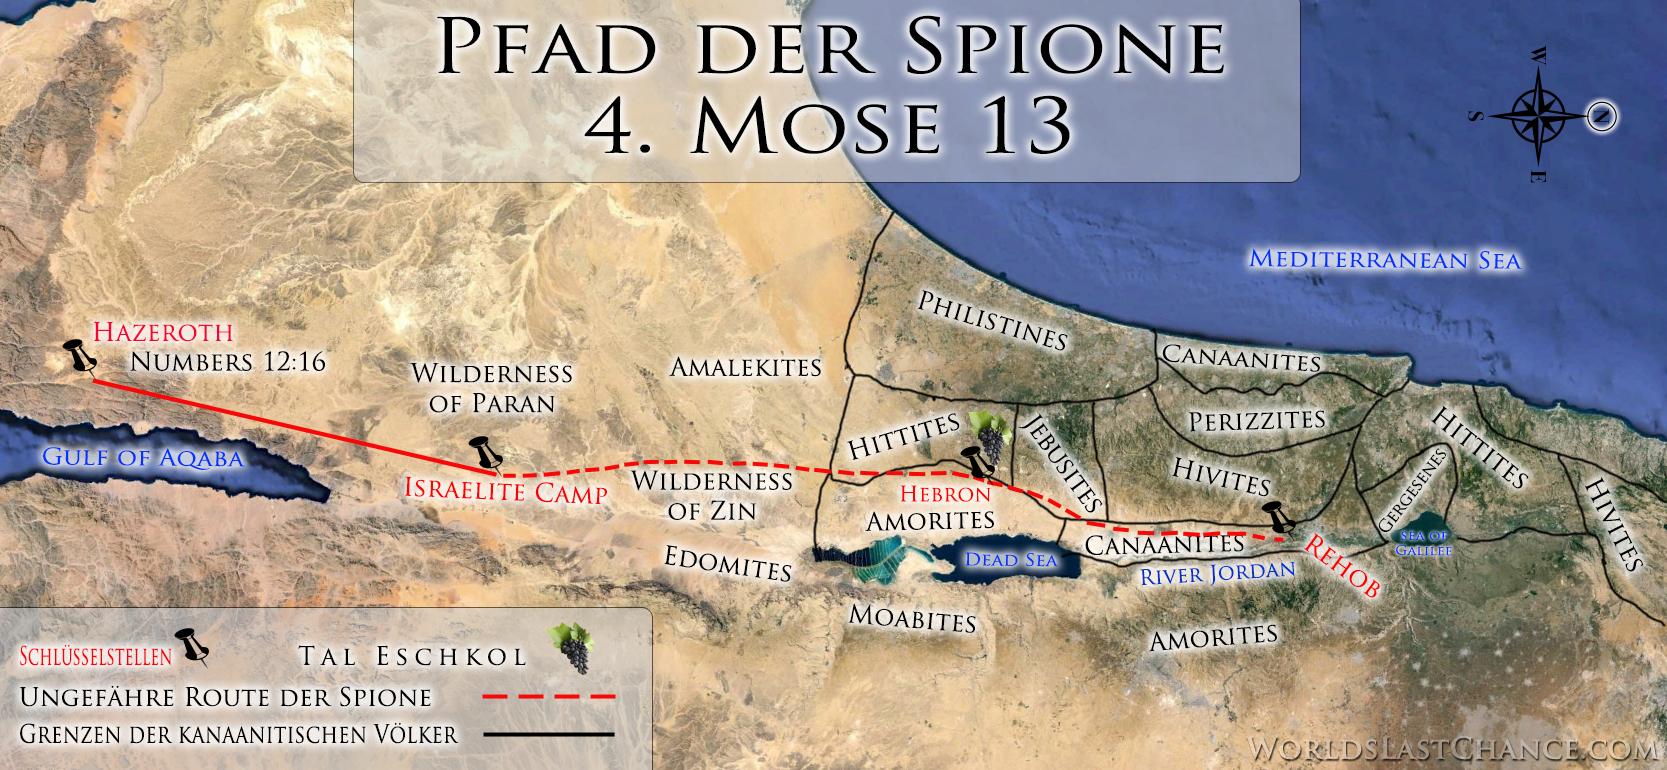 Pfad der Spione, als sie Kanaan auskundschafteten (Land der Nephilim) in 4. Mose 13